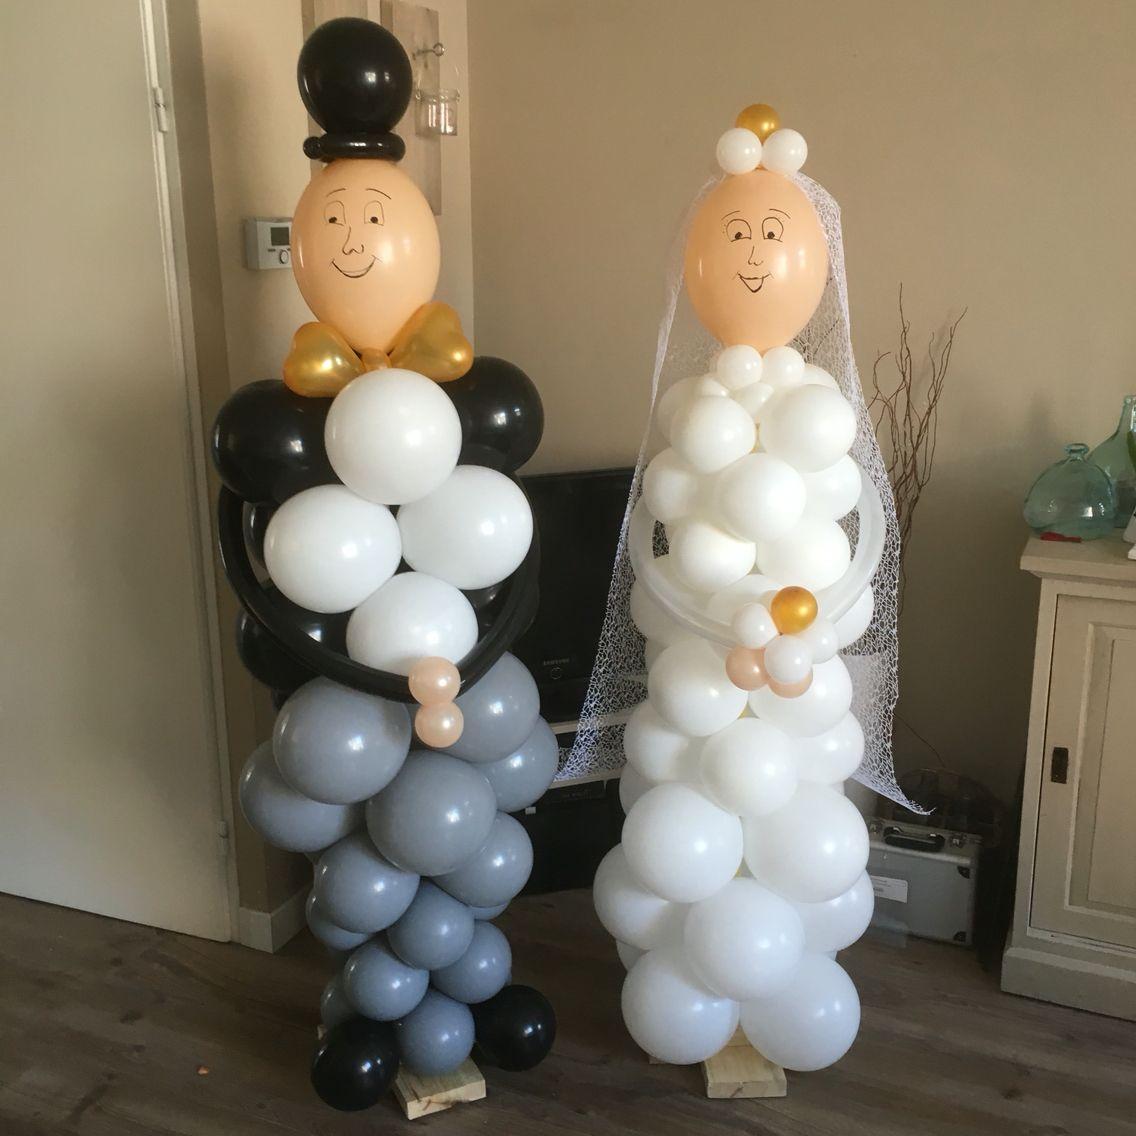 Bruidspaar 50 jaar getrouwd idee n voor het huis for Ballonnen versiering zelf maken